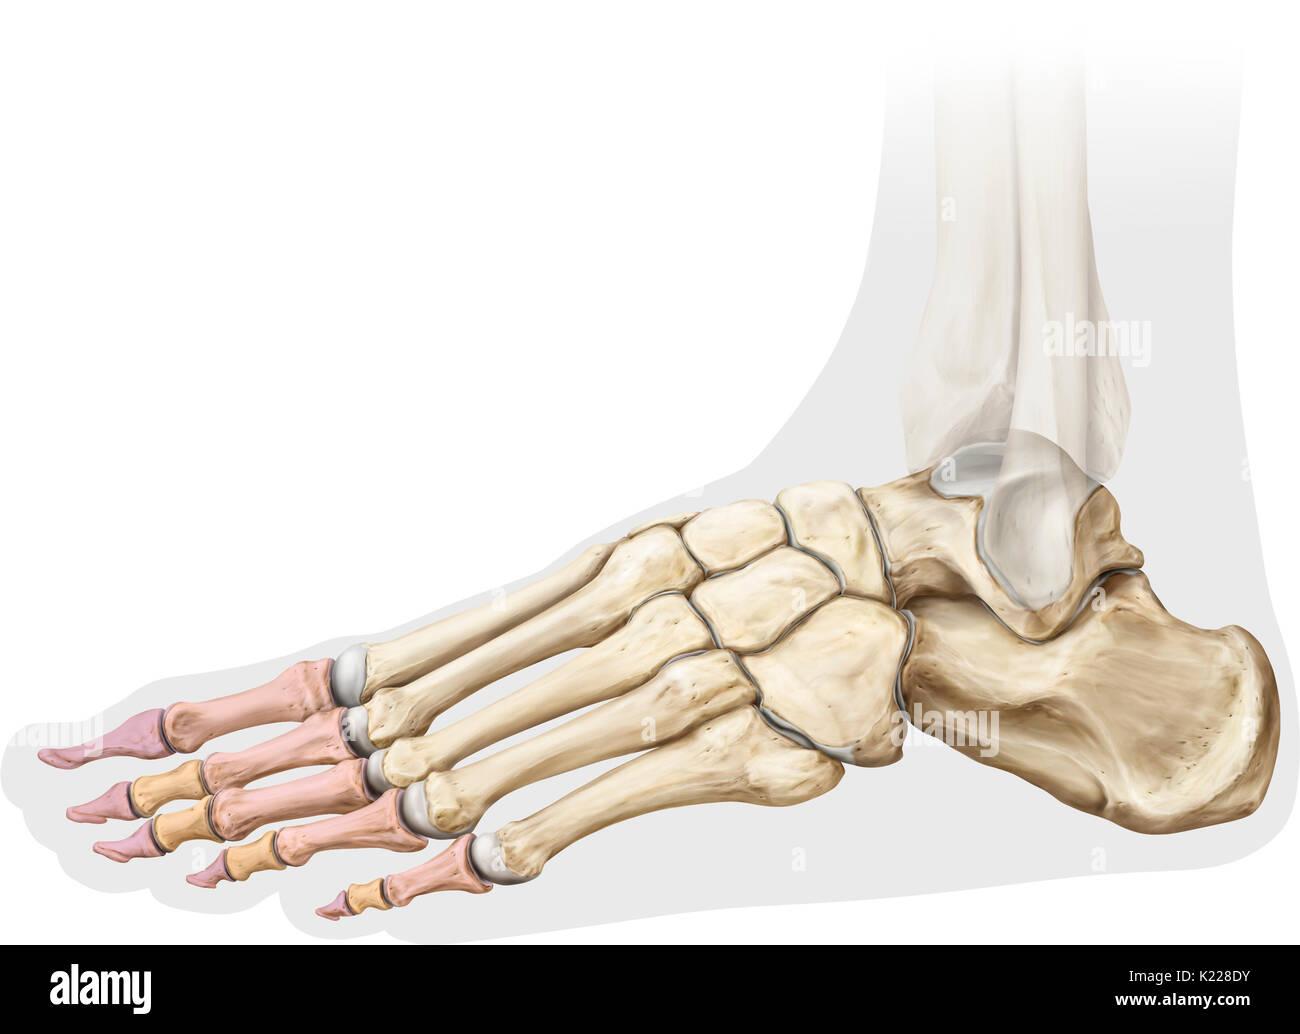 Foot Bones Stockfotos & Foot Bones Bilder - Alamy